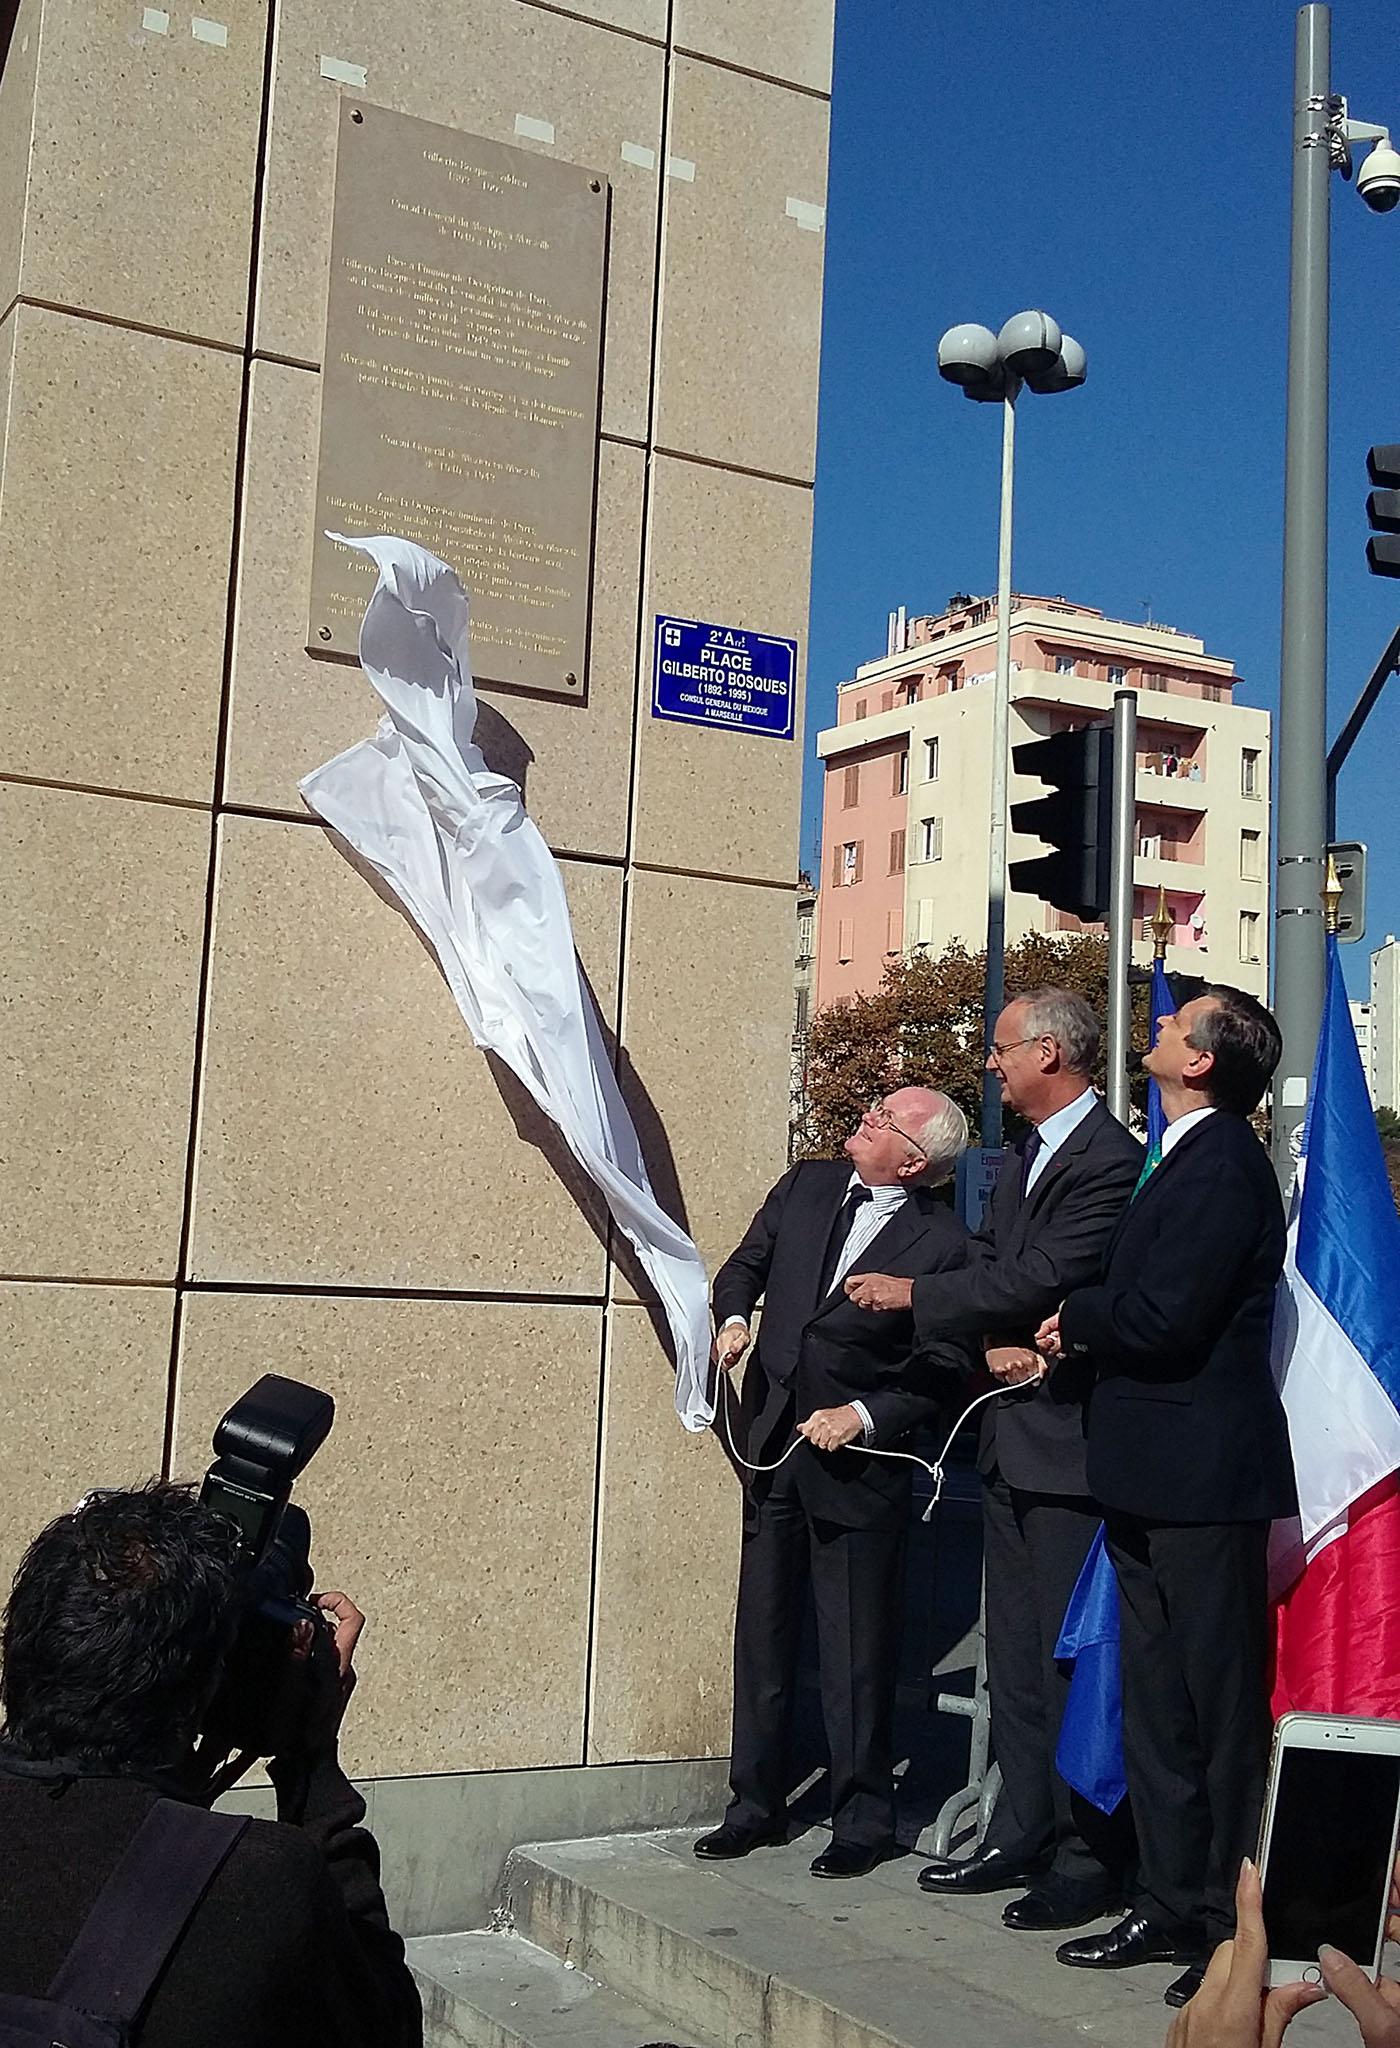 Embajador Agustín García-López Loaeza, Michel Vauzelle y el prefecto Stéphane Boillon